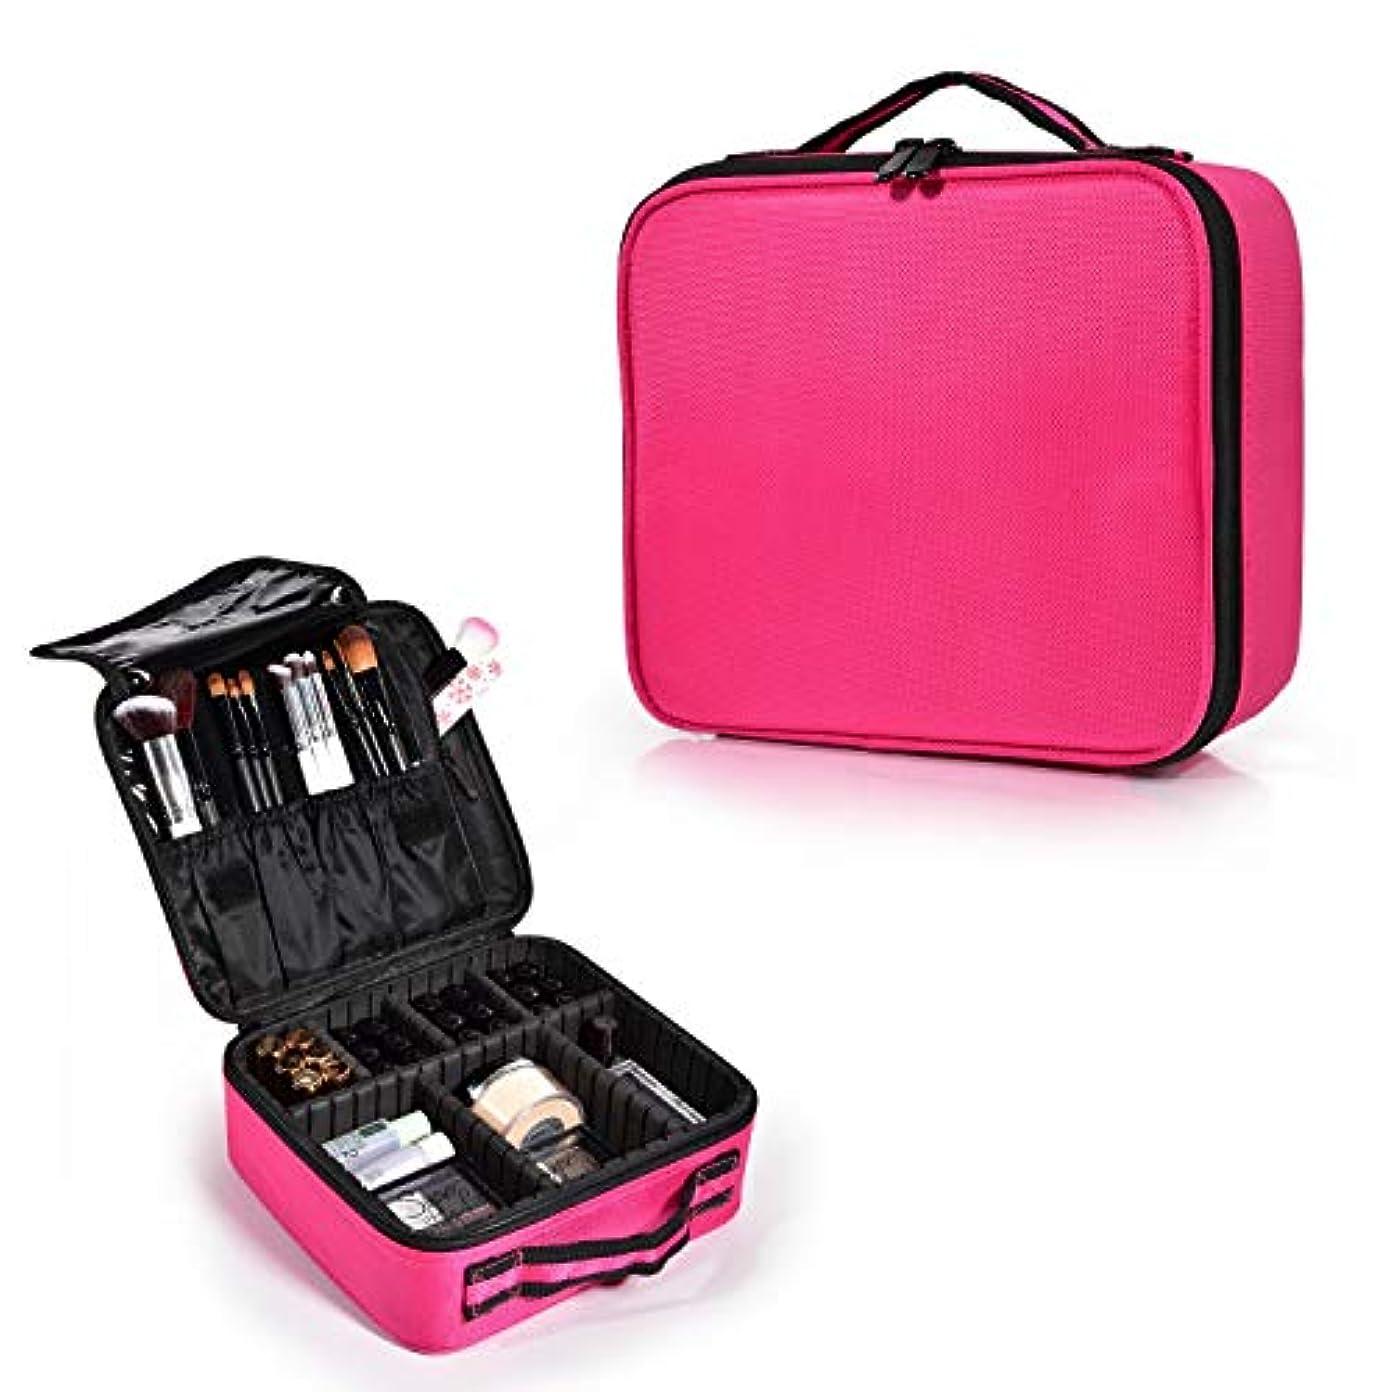 知っているに立ち寄るアレイお母さんHapilife メイクボックス 化粧バッグ軽量で持ち運び可能 スーツケース トラベルバッグ 化粧 バッグ 調整可能なインサート収納袋